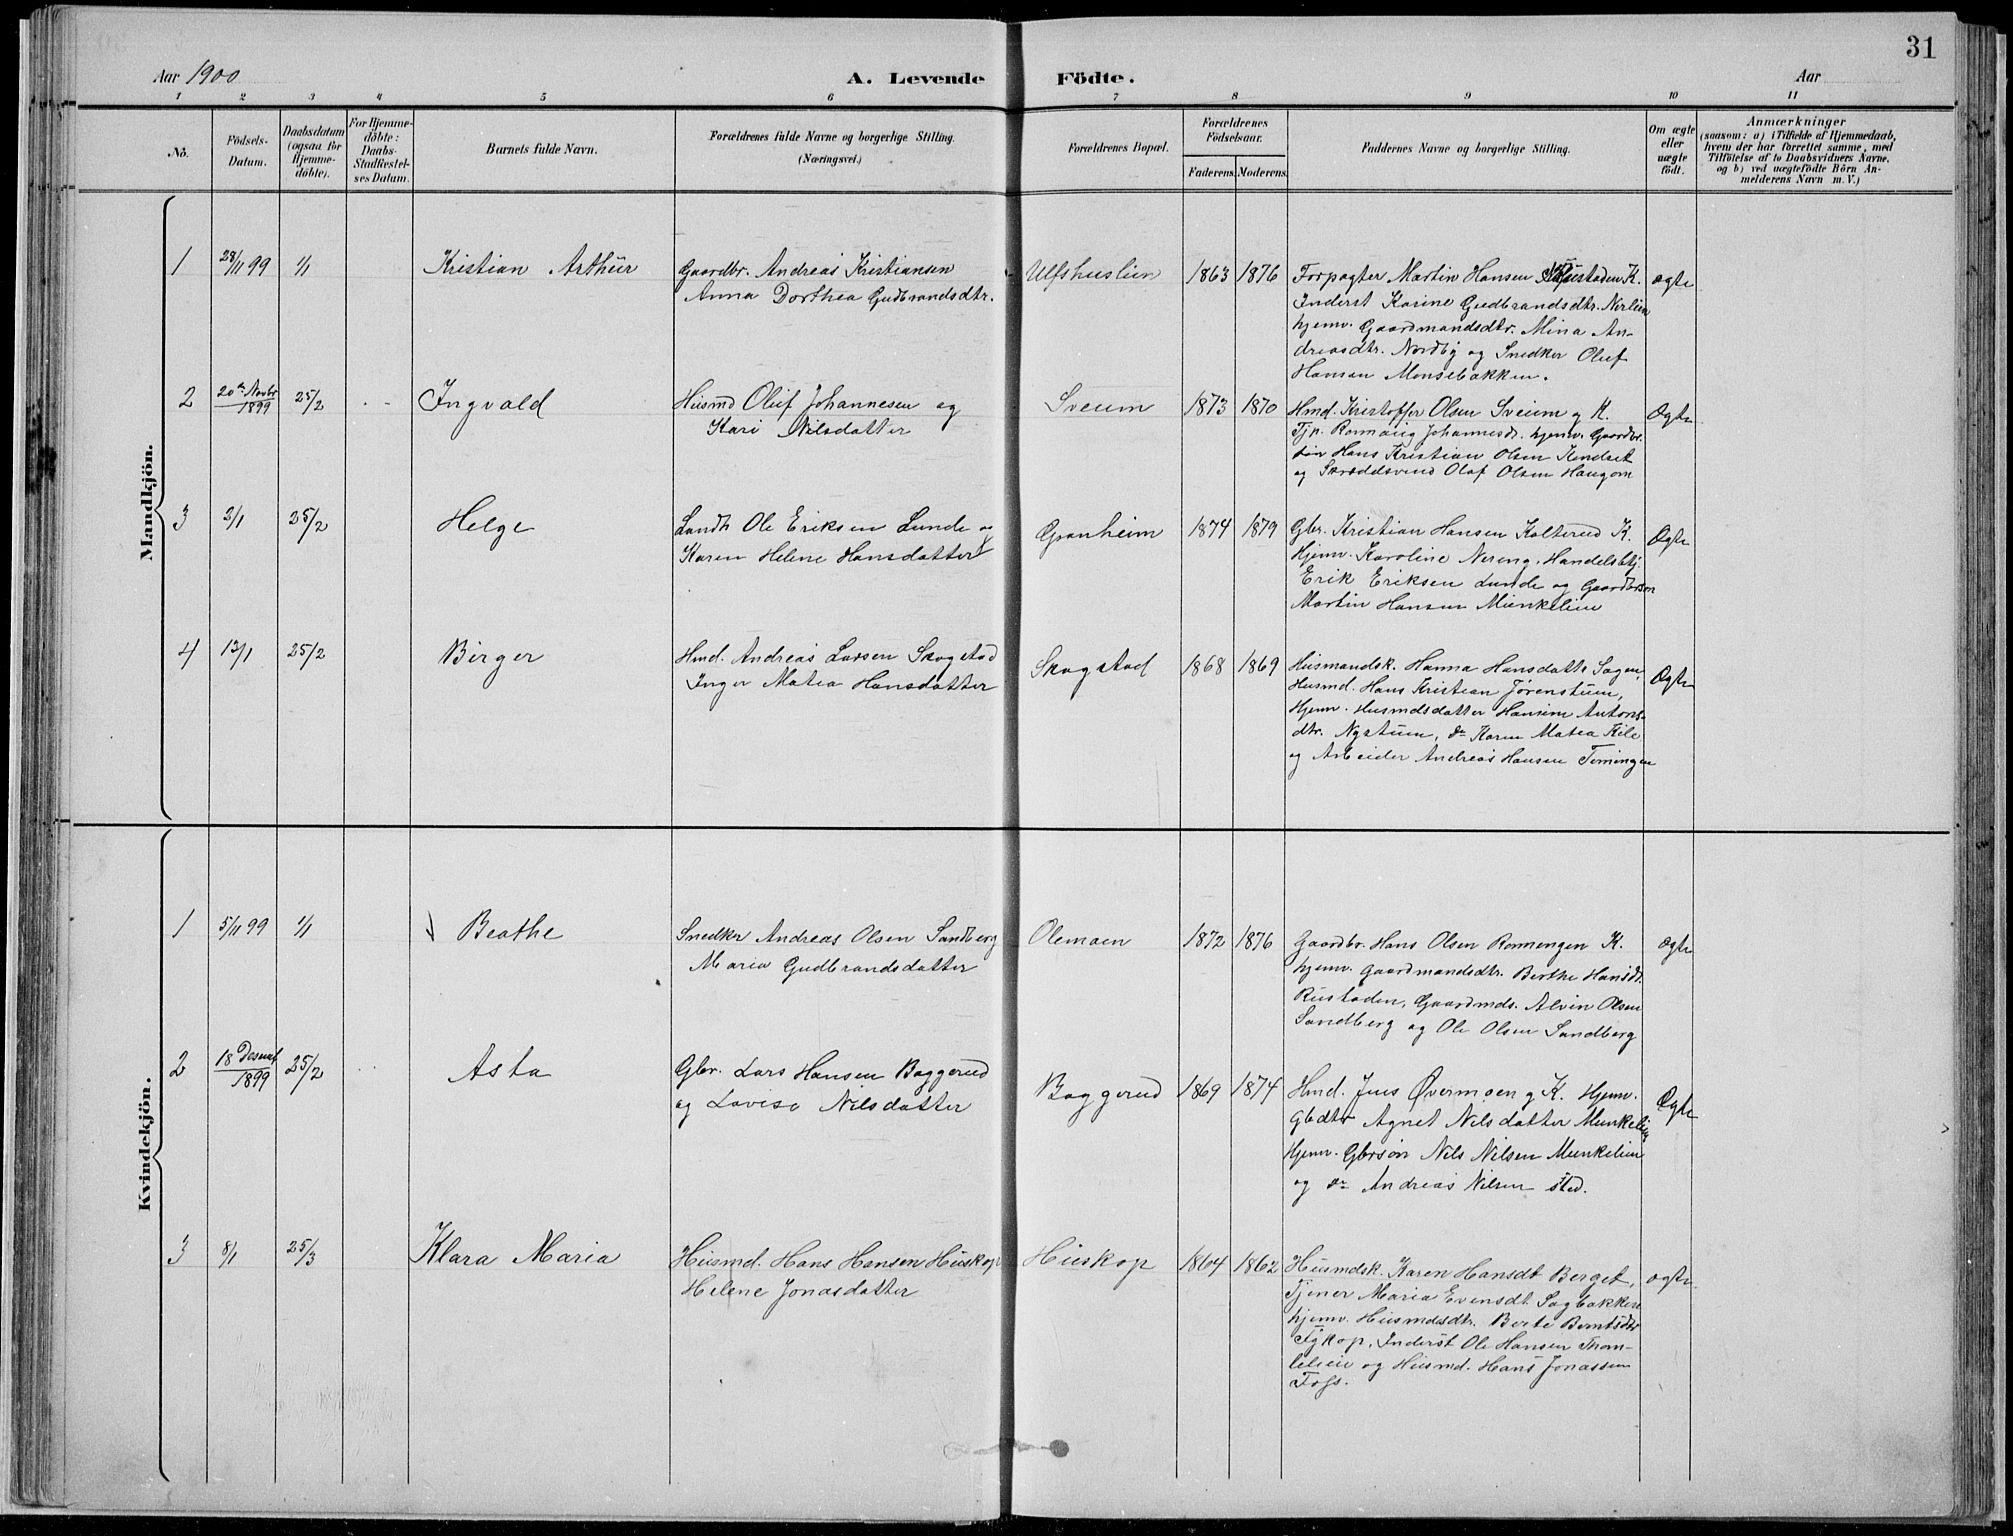 SAH, Nordre Land prestekontor, Klokkerbok nr. 13, 1891-1904, s. 31